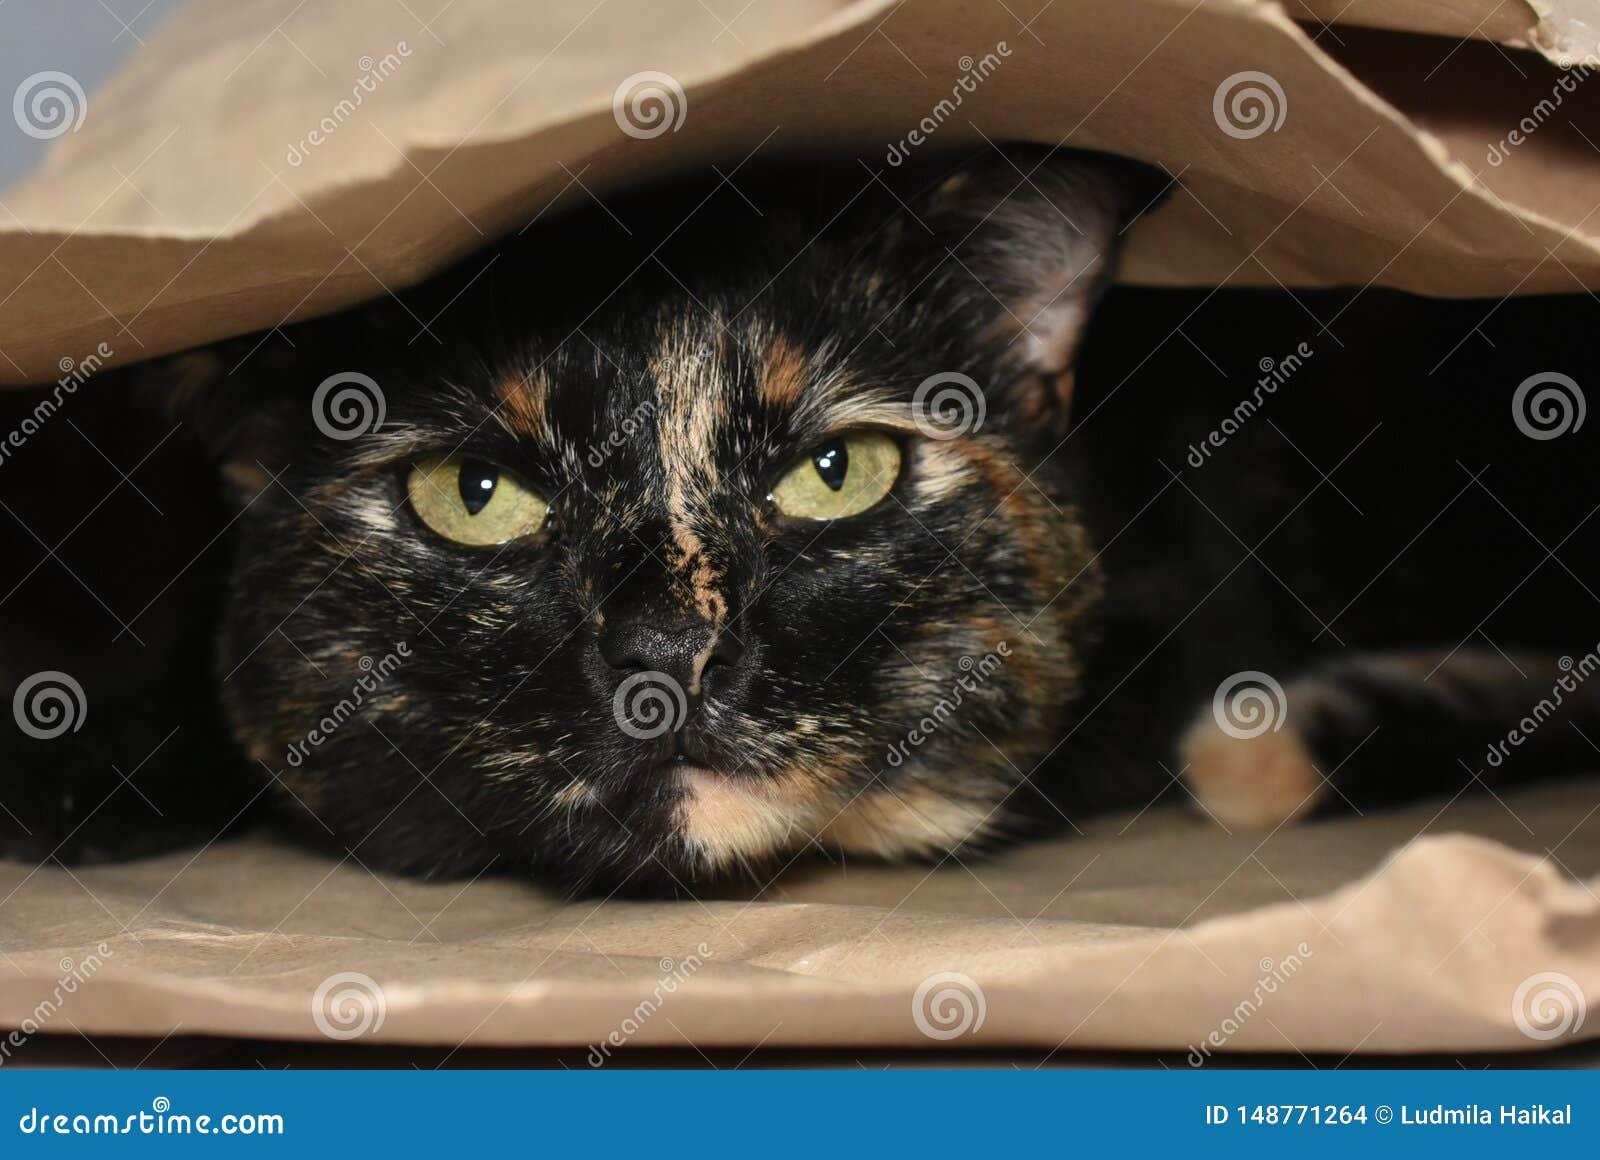 玩在纸板袋子里面的猫捉迷藏